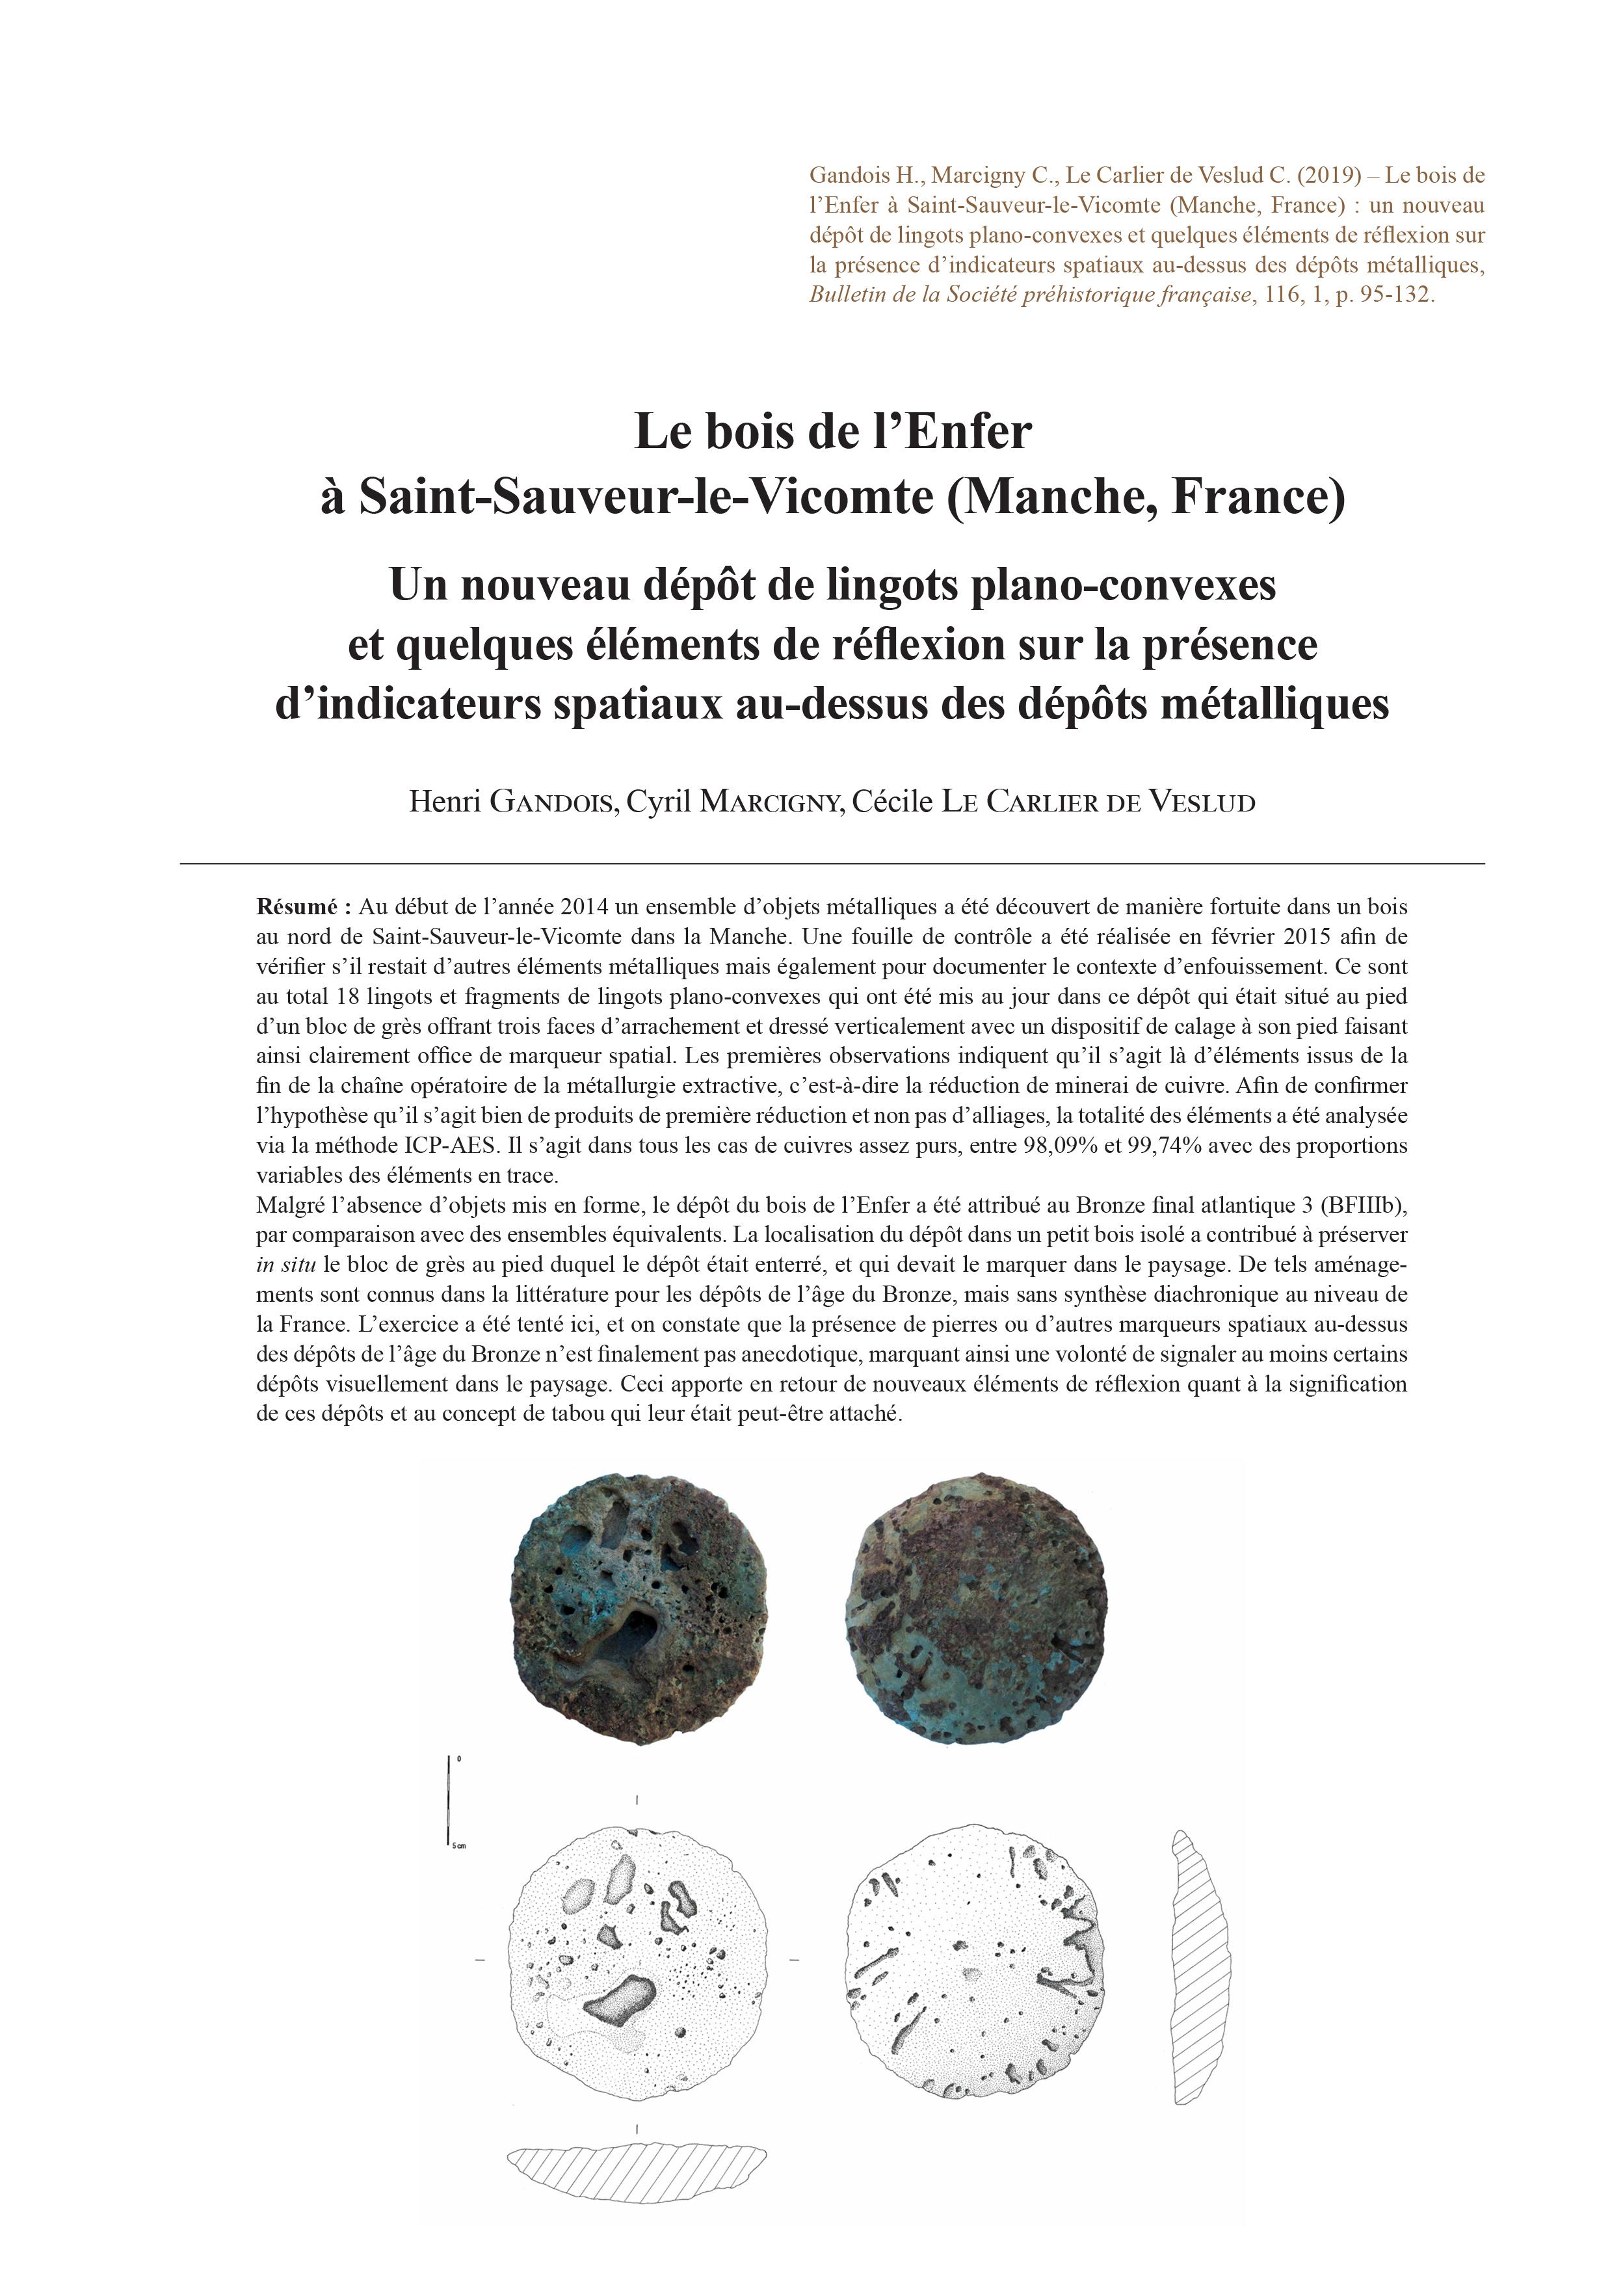 Comment Faire Un Bucher En Bois 05-2019, tome 116, 1, p. 95-132 - henri gandois, cyril marcigny, cécile le  carlier de veslud — le bois de l'enfer à saint-sauveur- le-vicomte (manche,